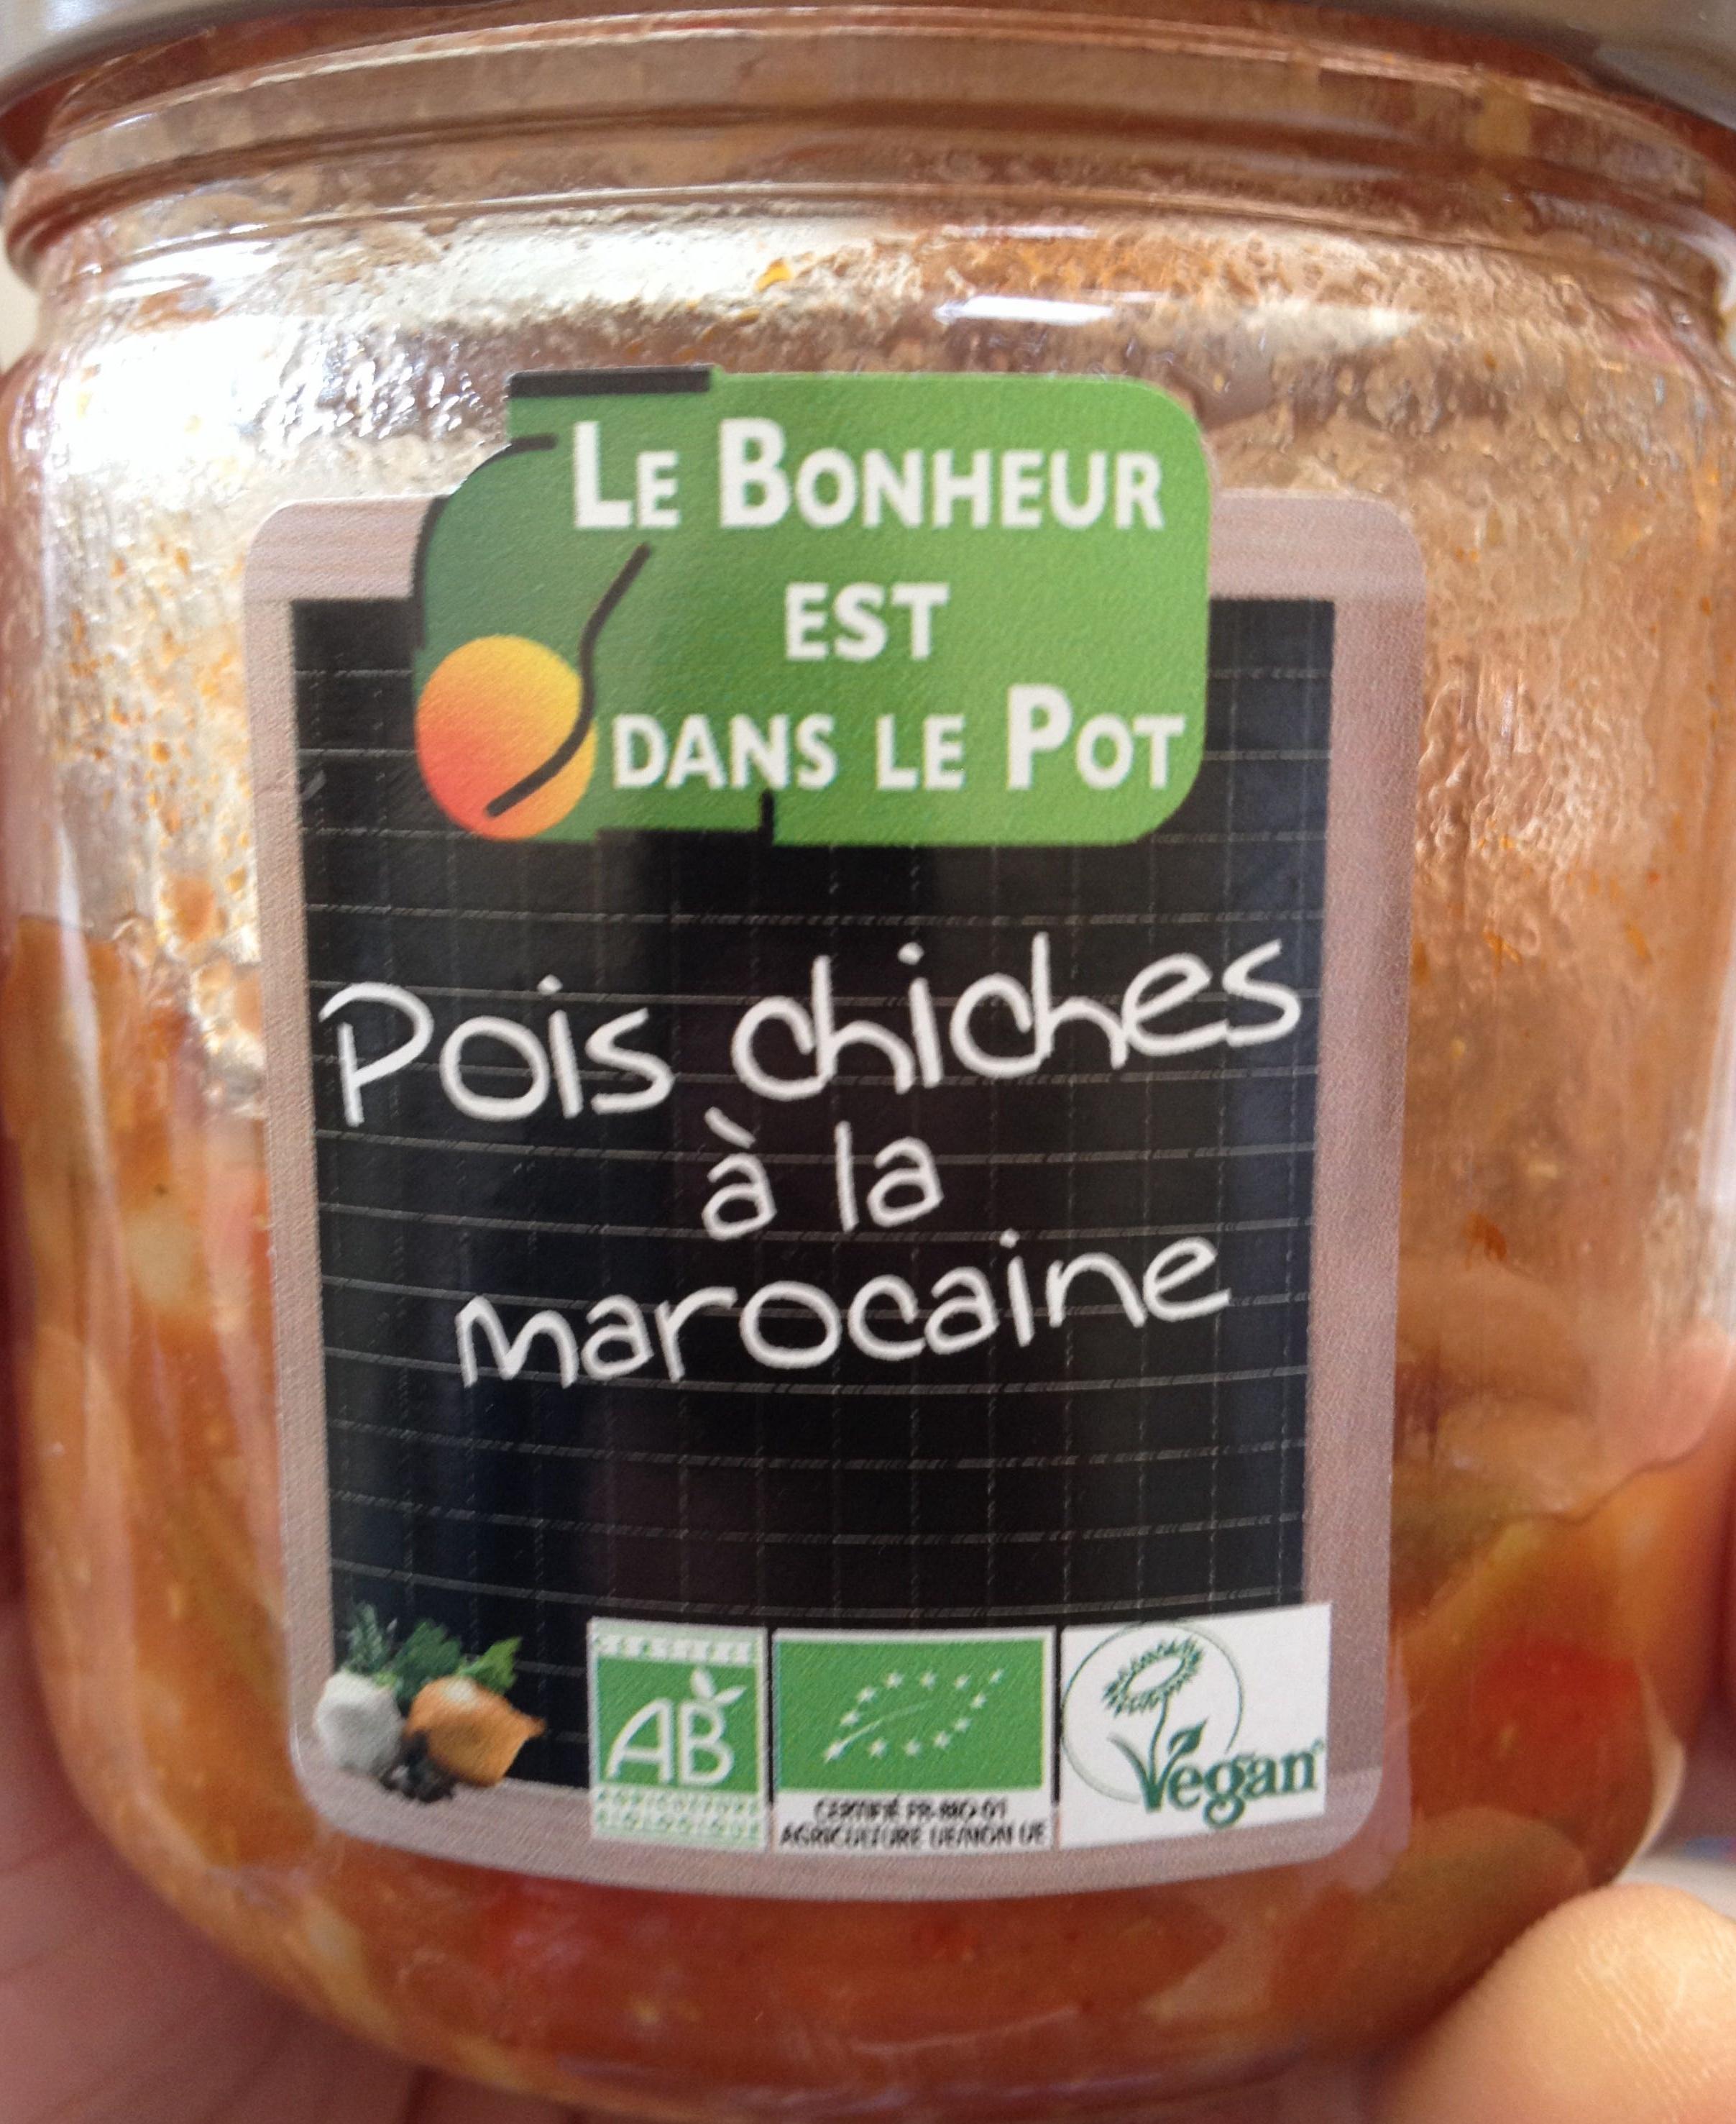 Pois chiches à la marocaine - Produit - fr